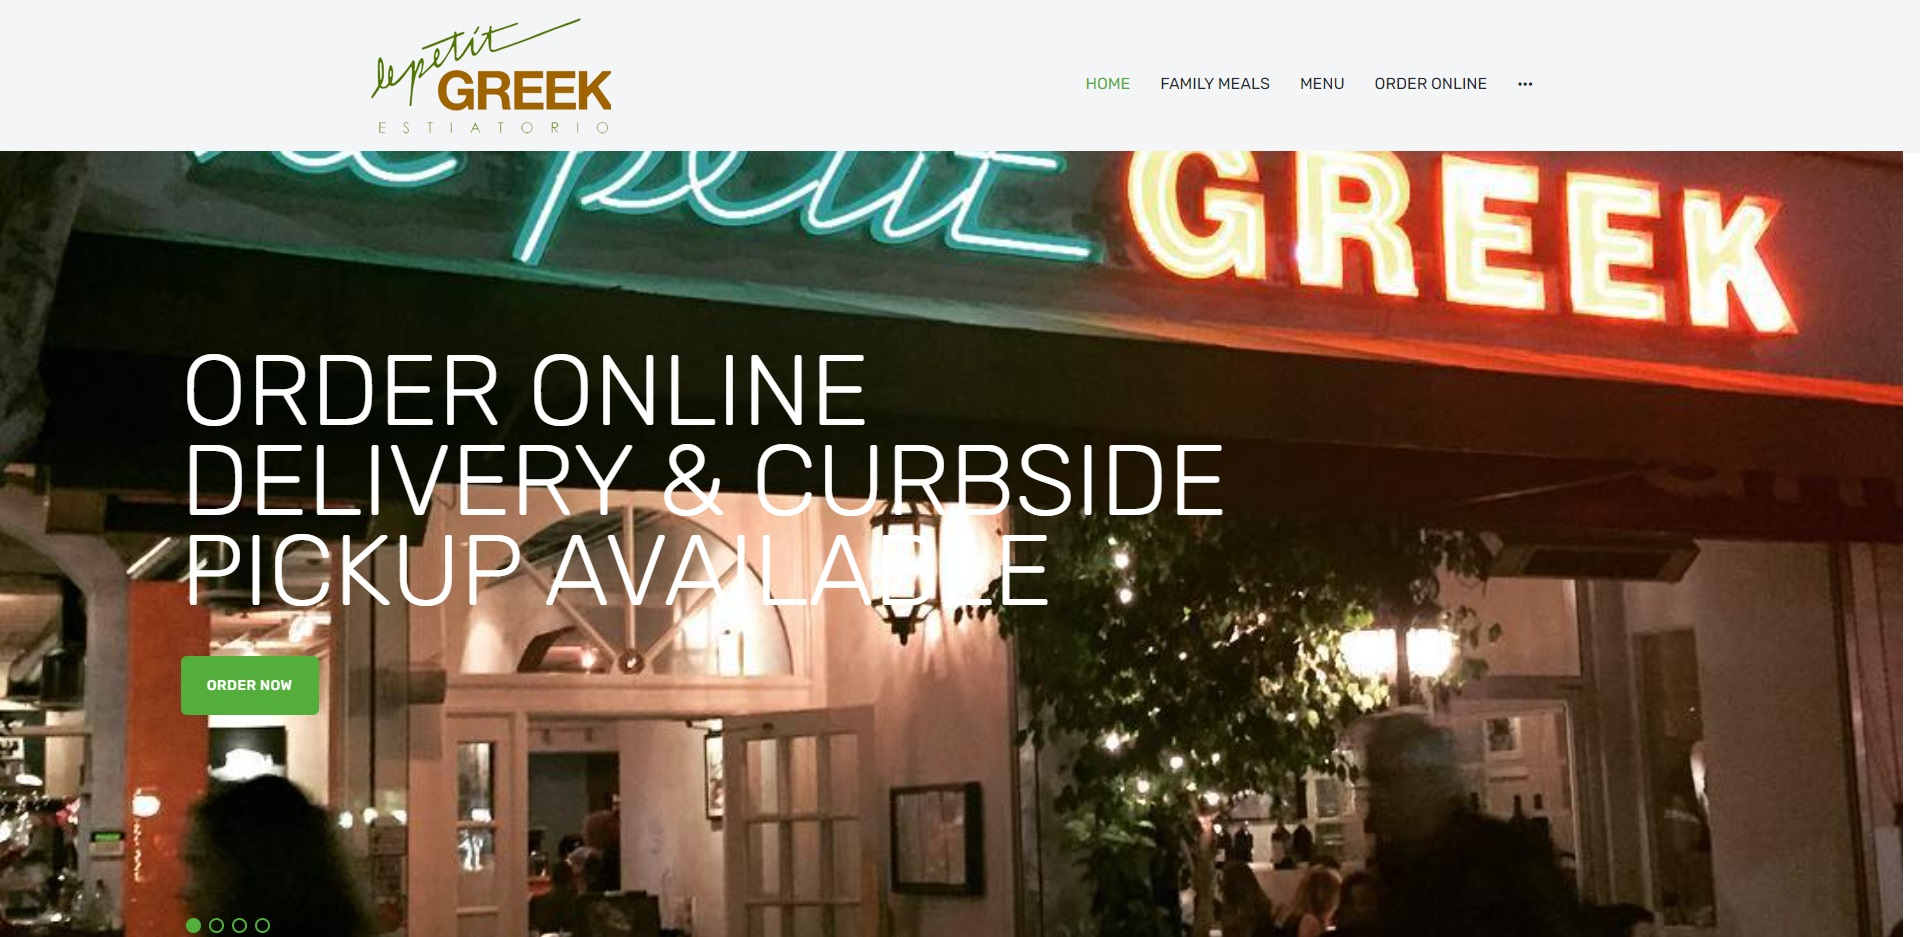 The Best Greek Food in Los Angeles